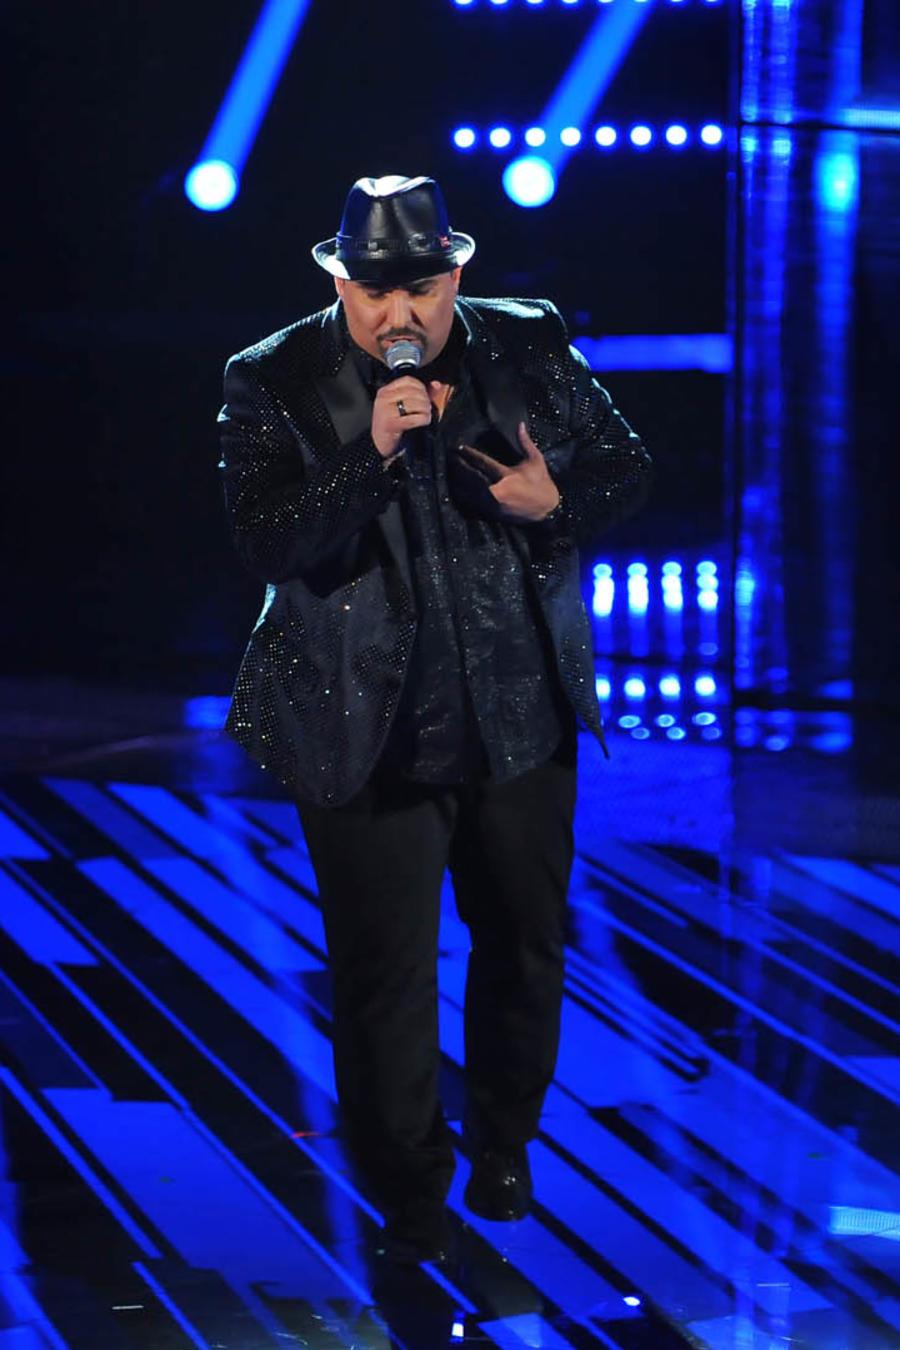 La Voz abrió con el ritmo de Jerry Montañez